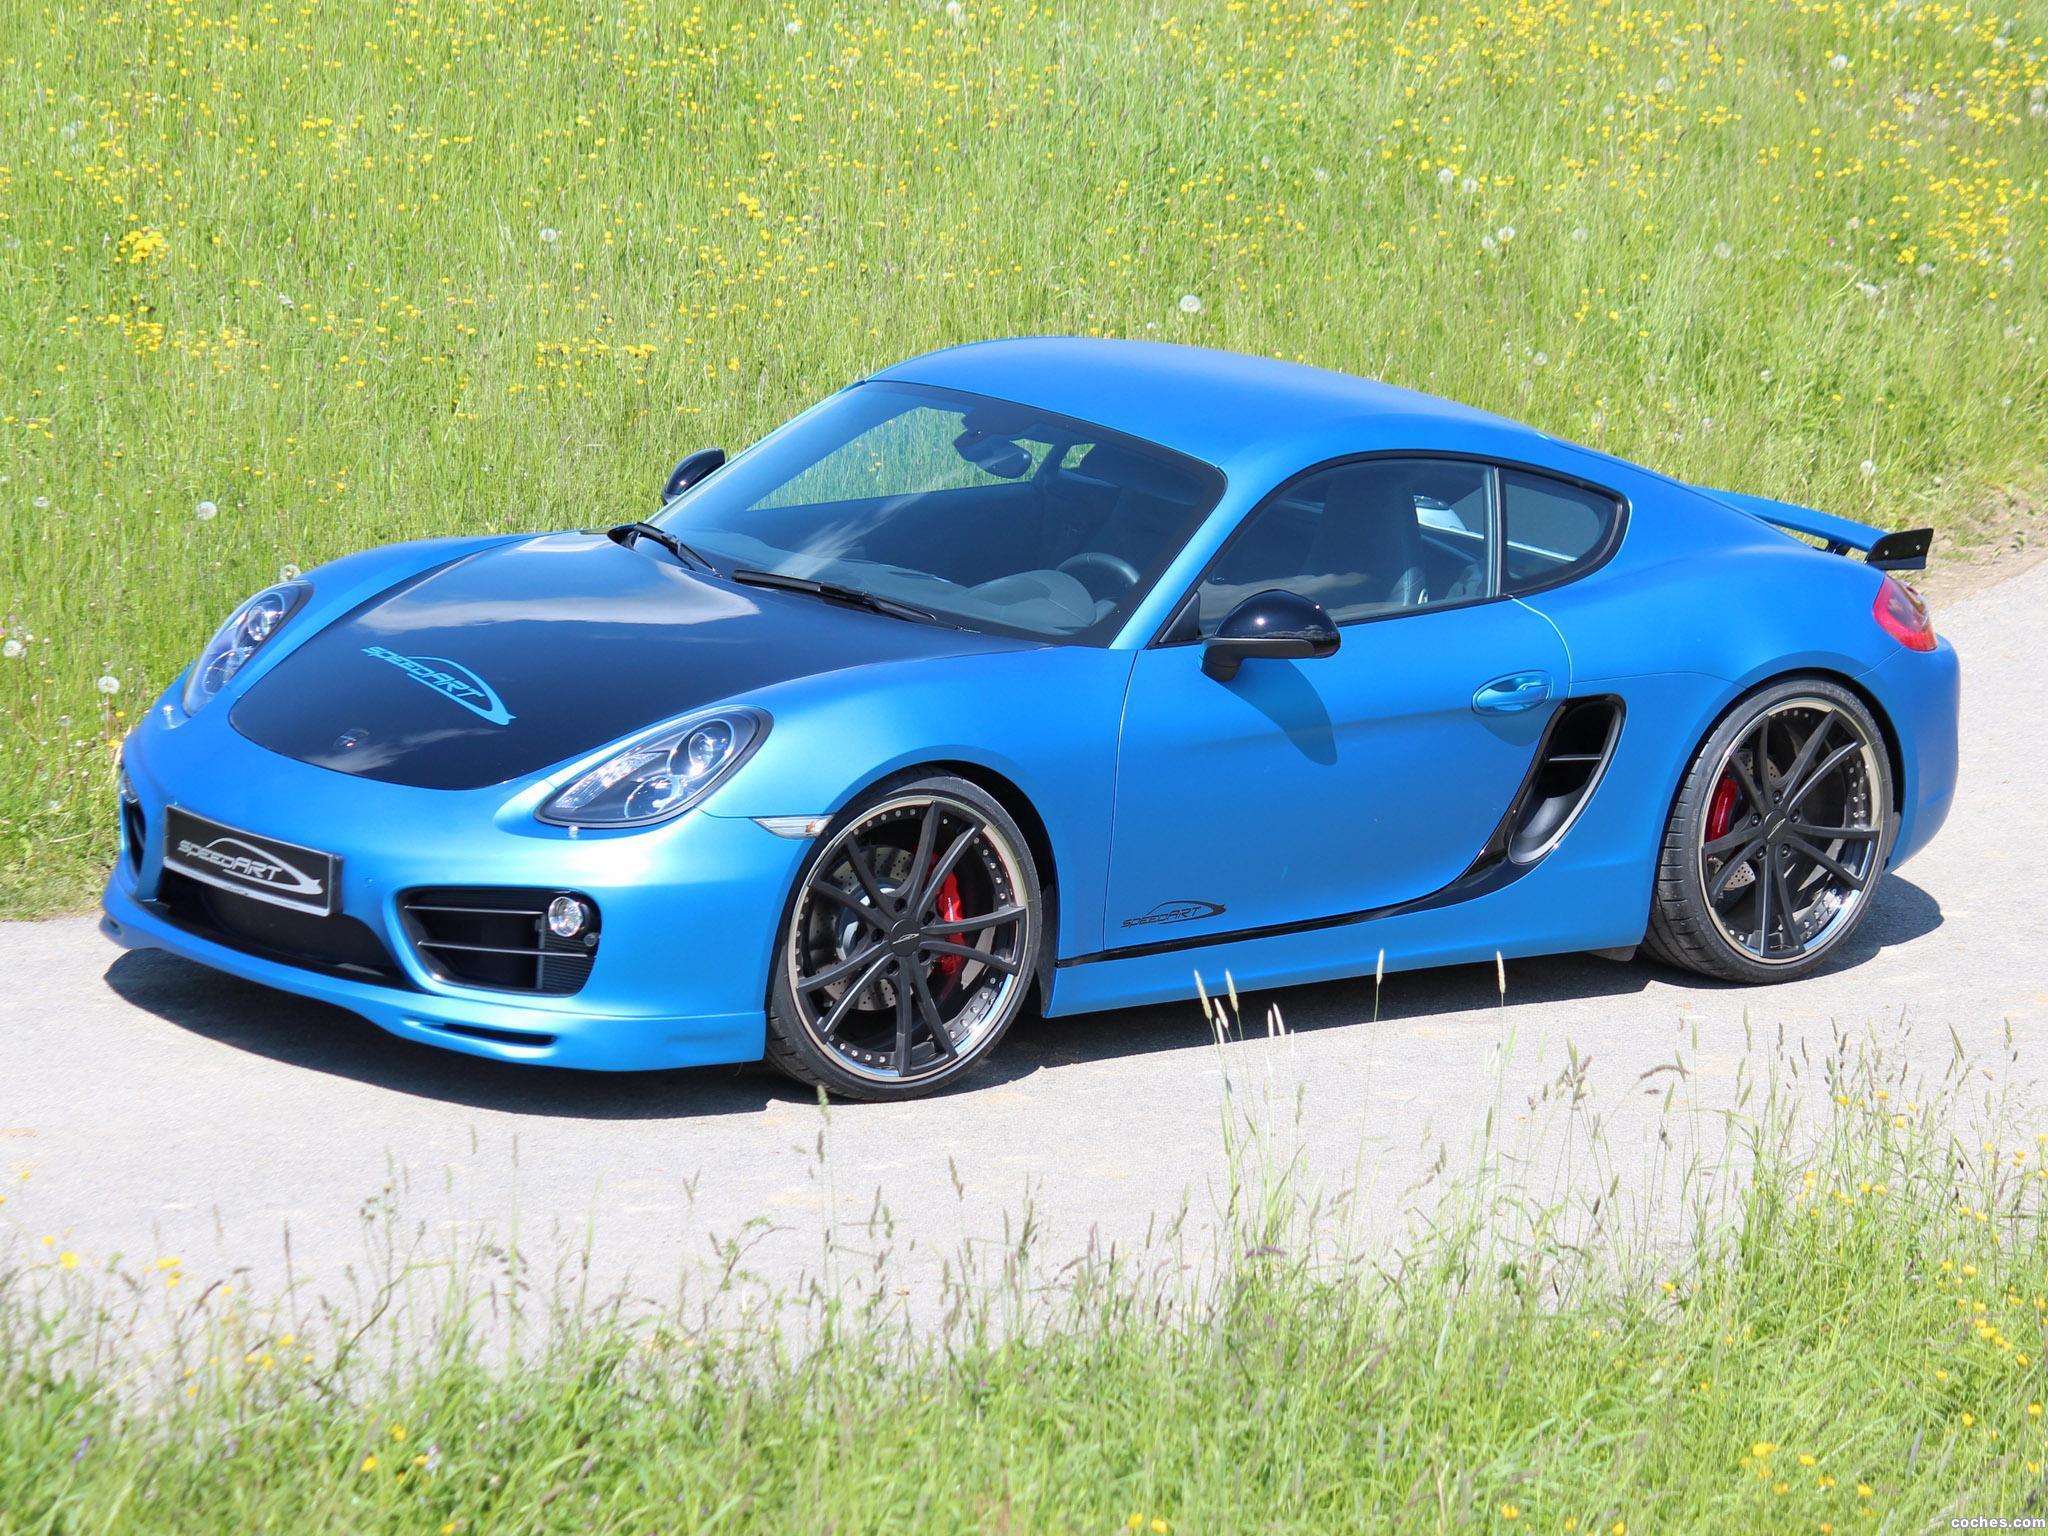 Foto 1 de Speedart Porsche Cayman SP81 CR 981C 2013